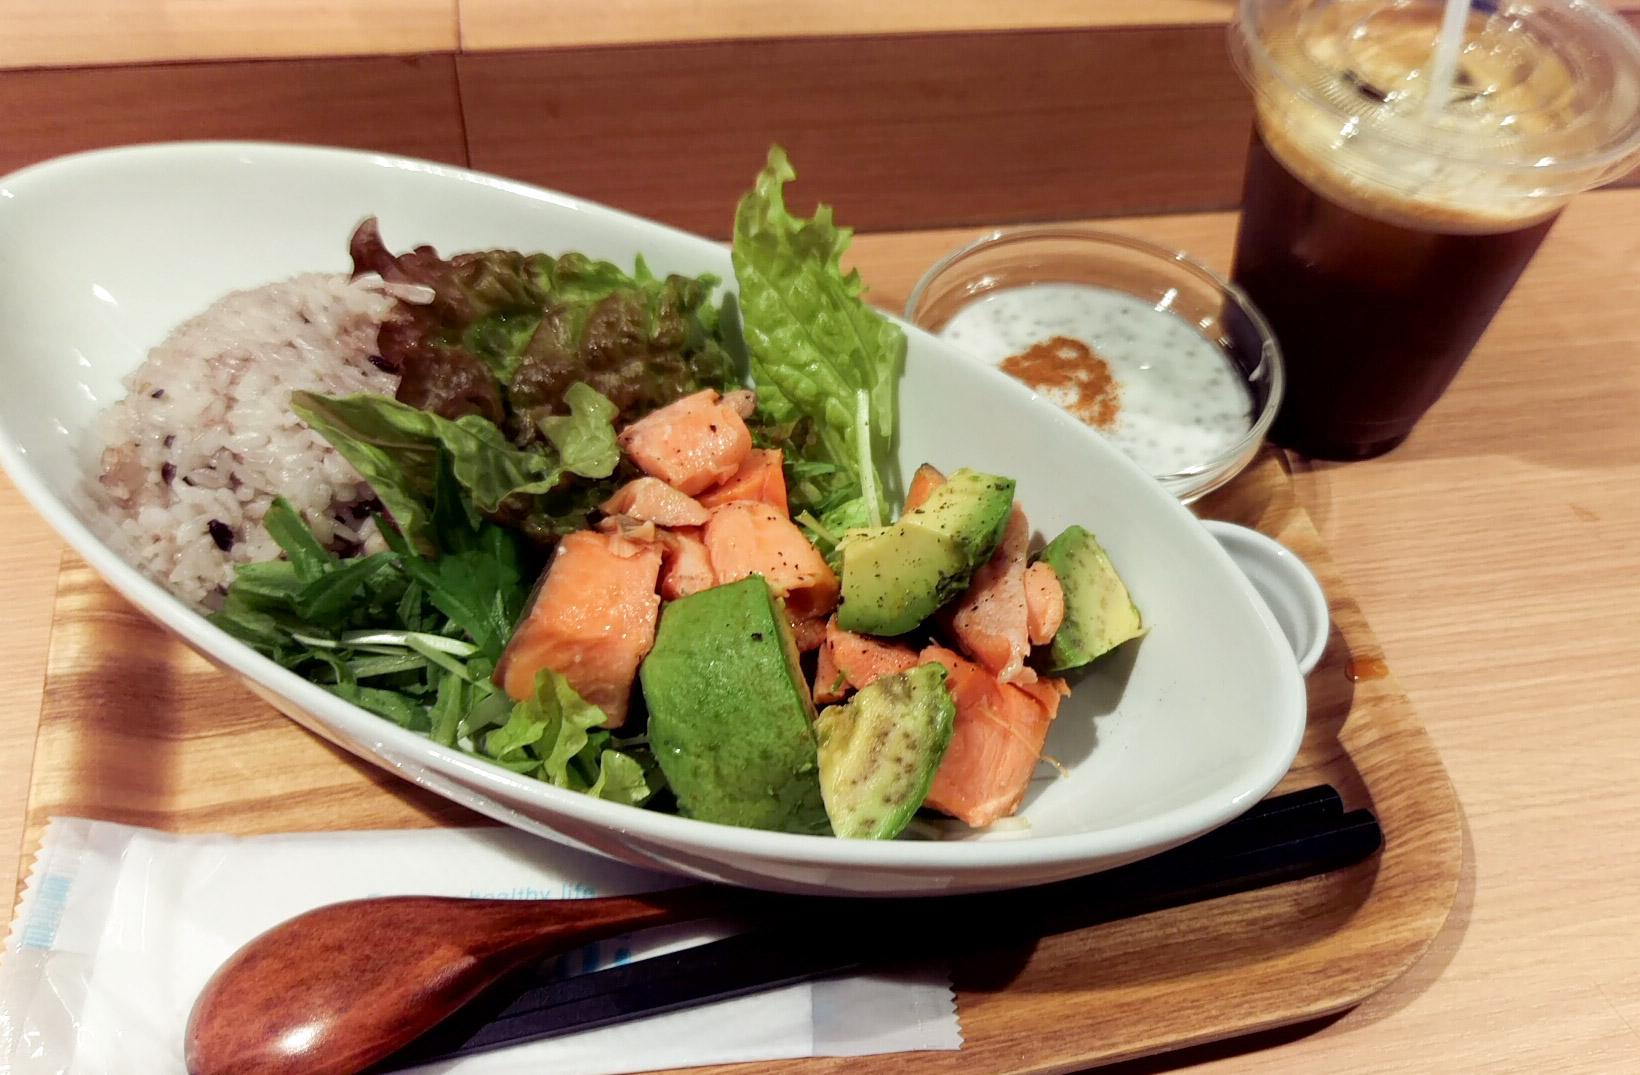 鮭とアボカド&雑穀ごはん(少なめ)&ヨーグルトのトッピングはシナモン&アイスコーヒー